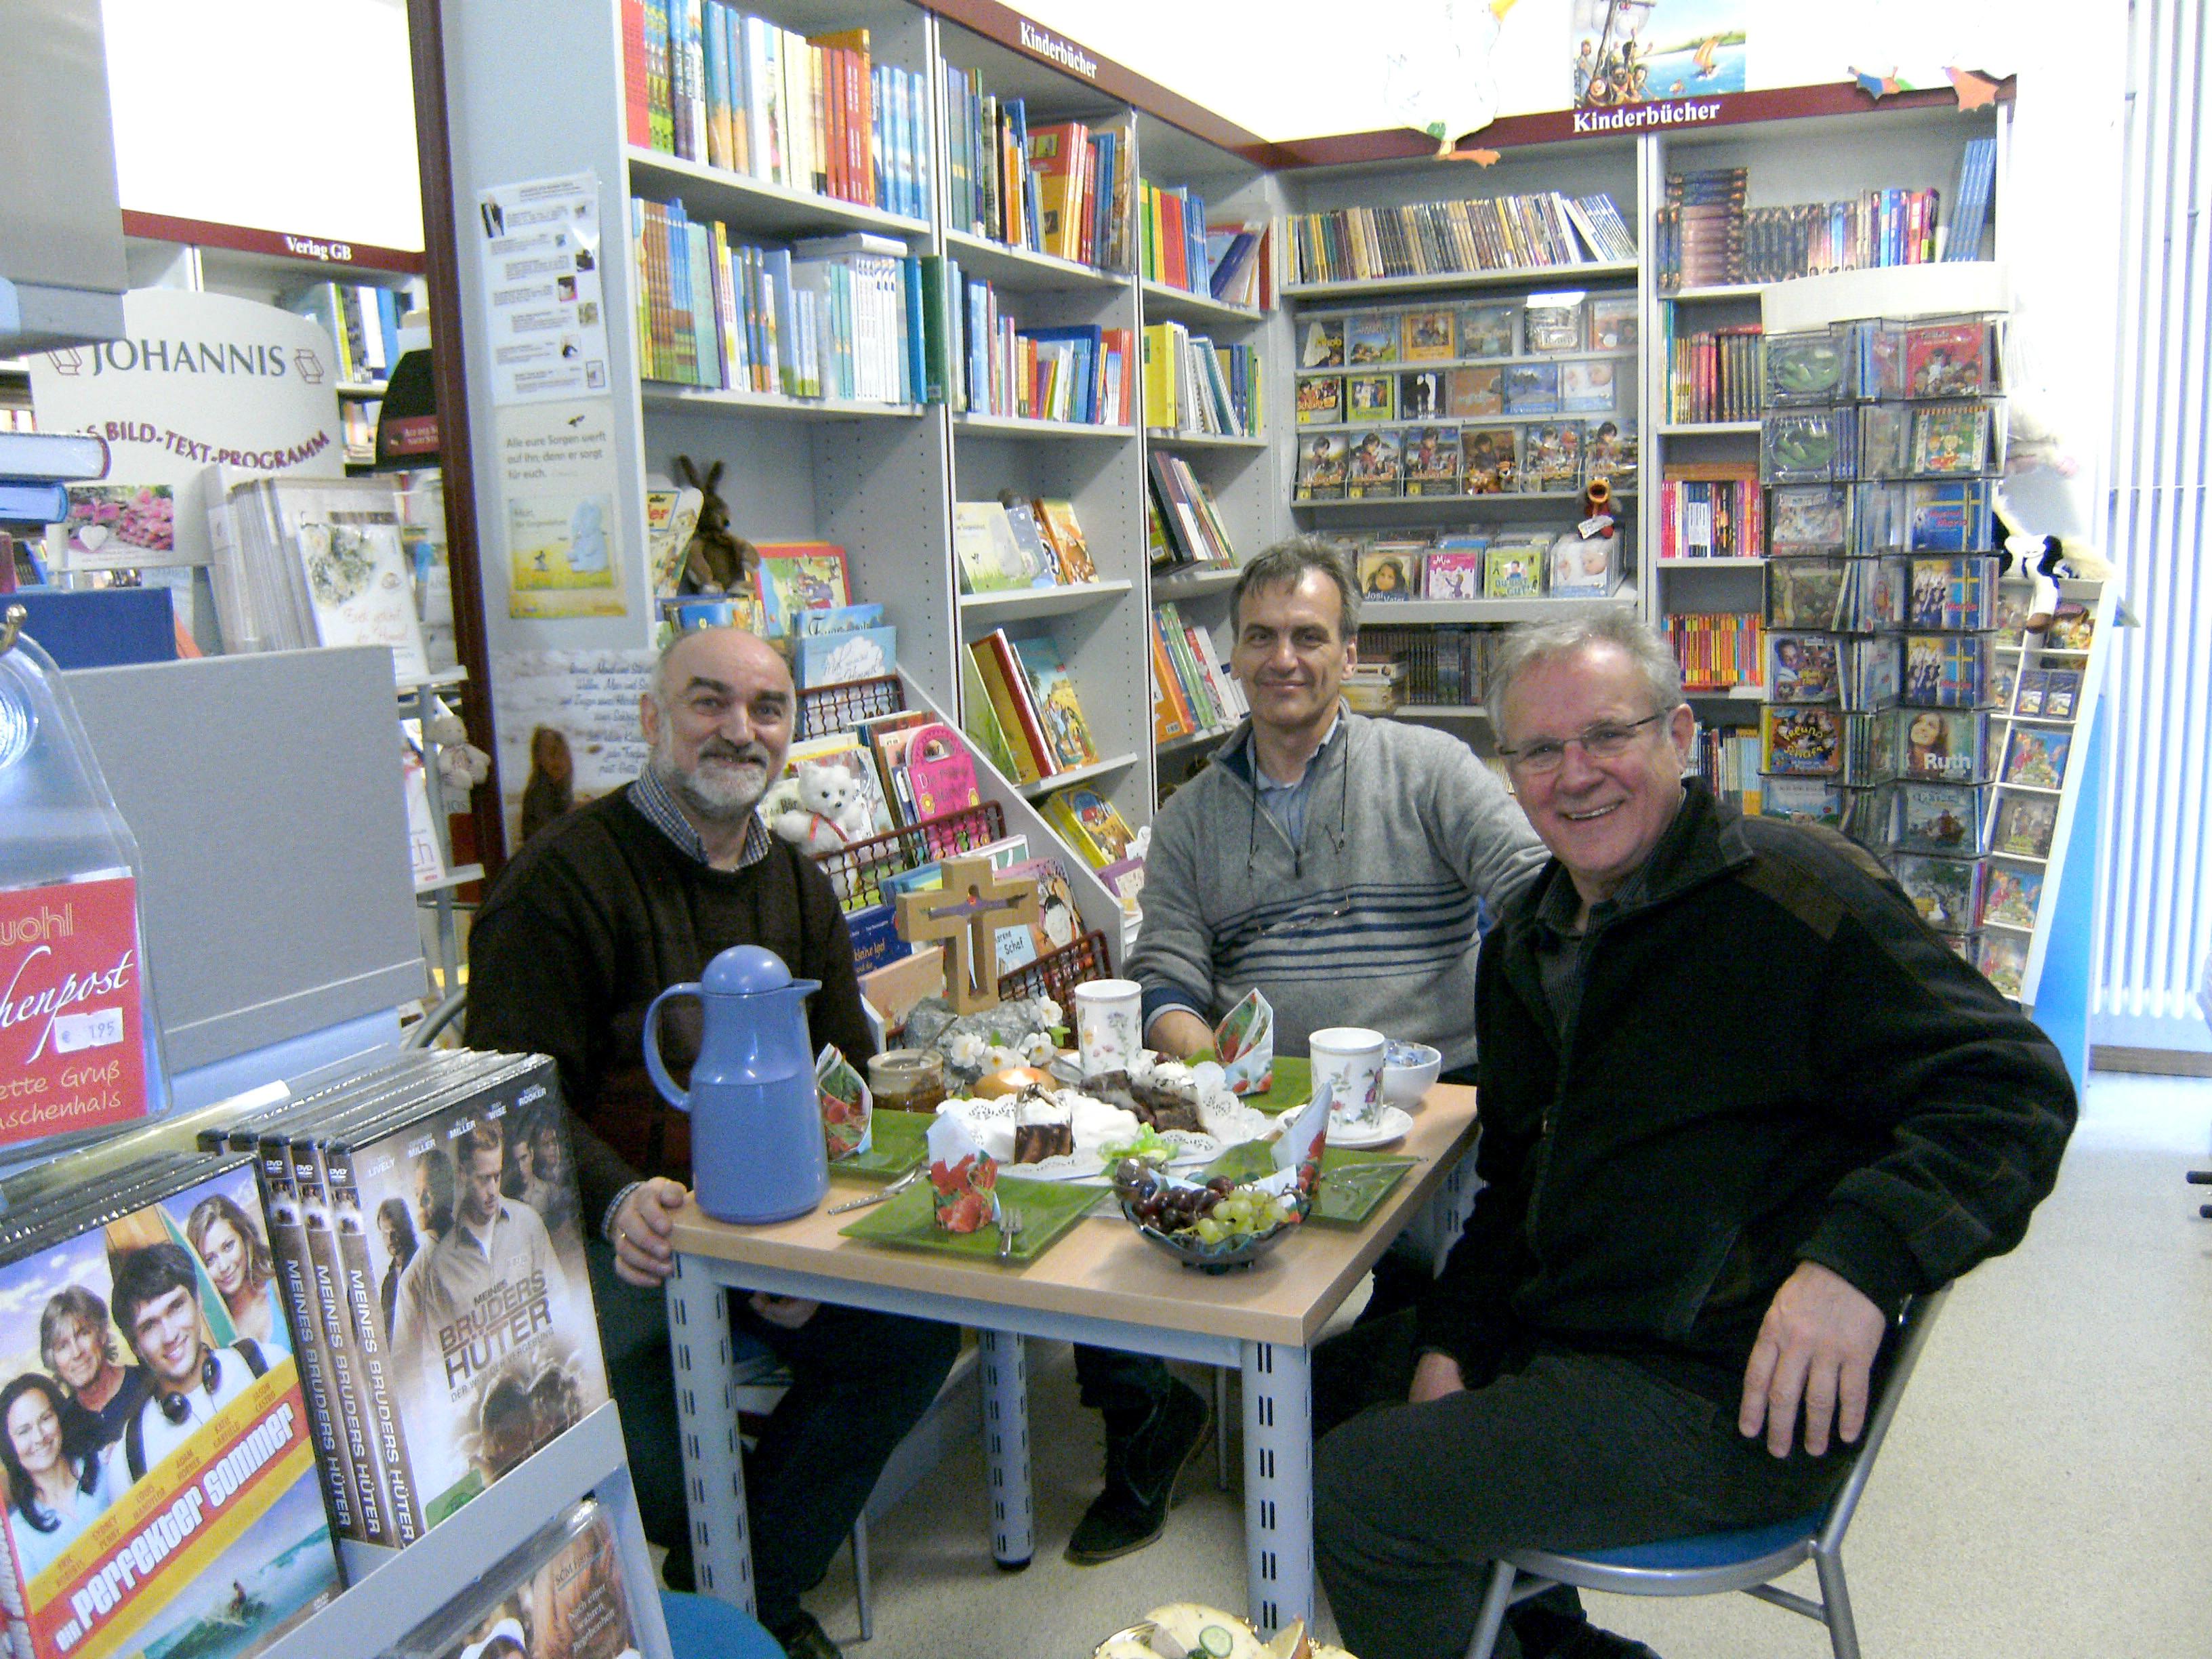 Jeff Fountain zu Besuch in der Christlichen Bücherstube